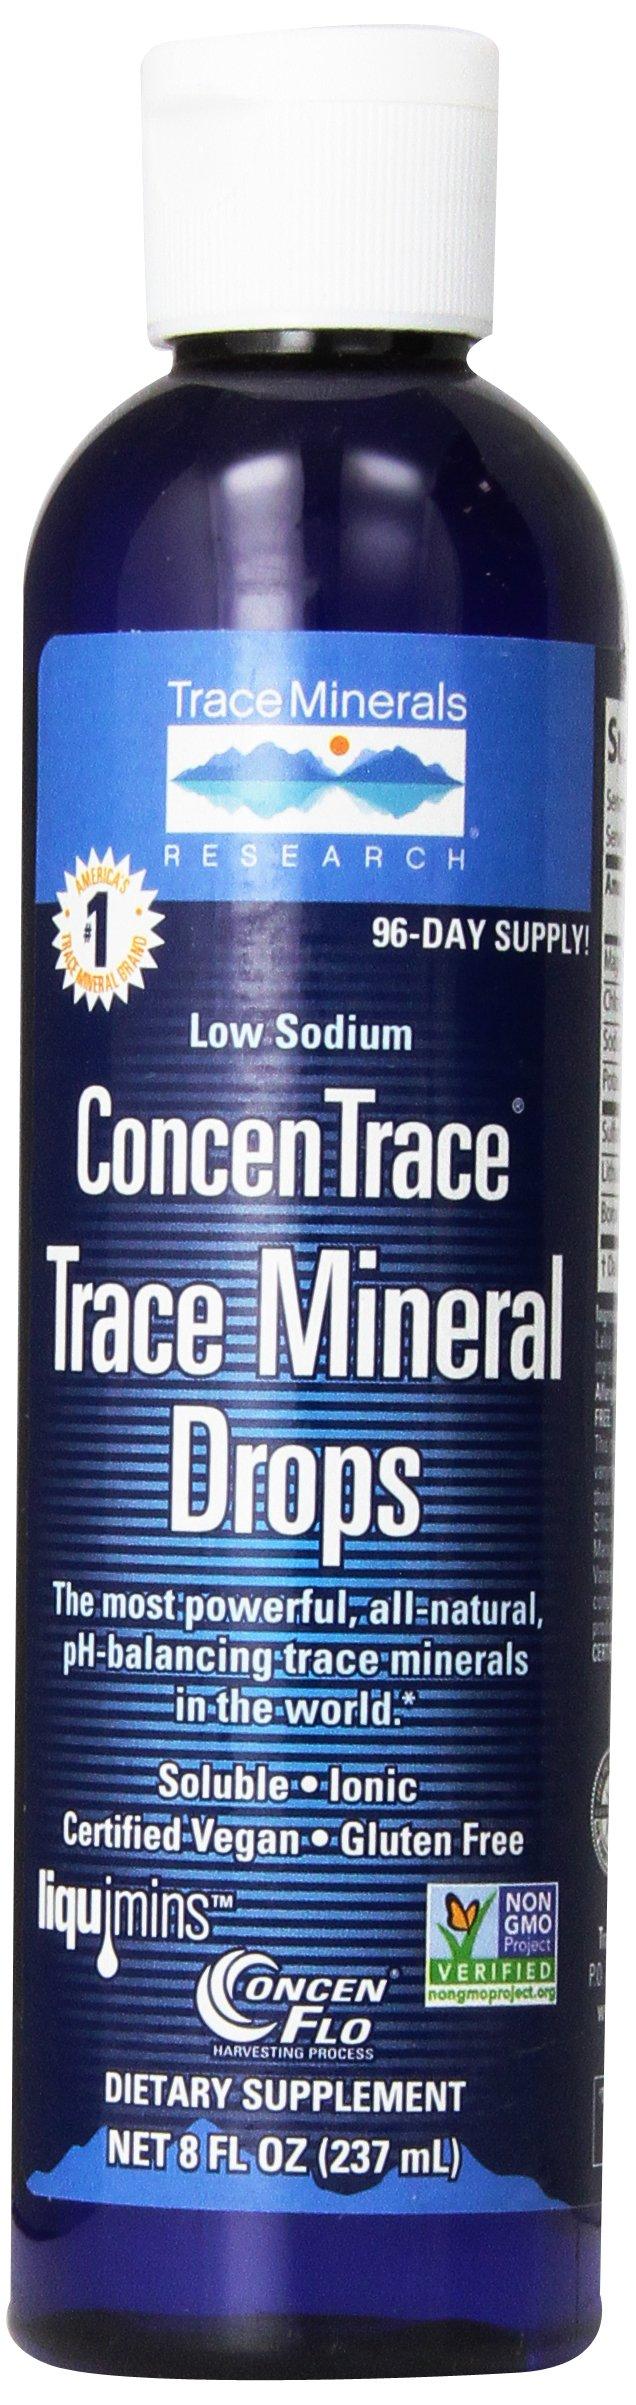 Trace Minerals Research - Concentrace Trace Mineral Drops, 8 fl oz liquid